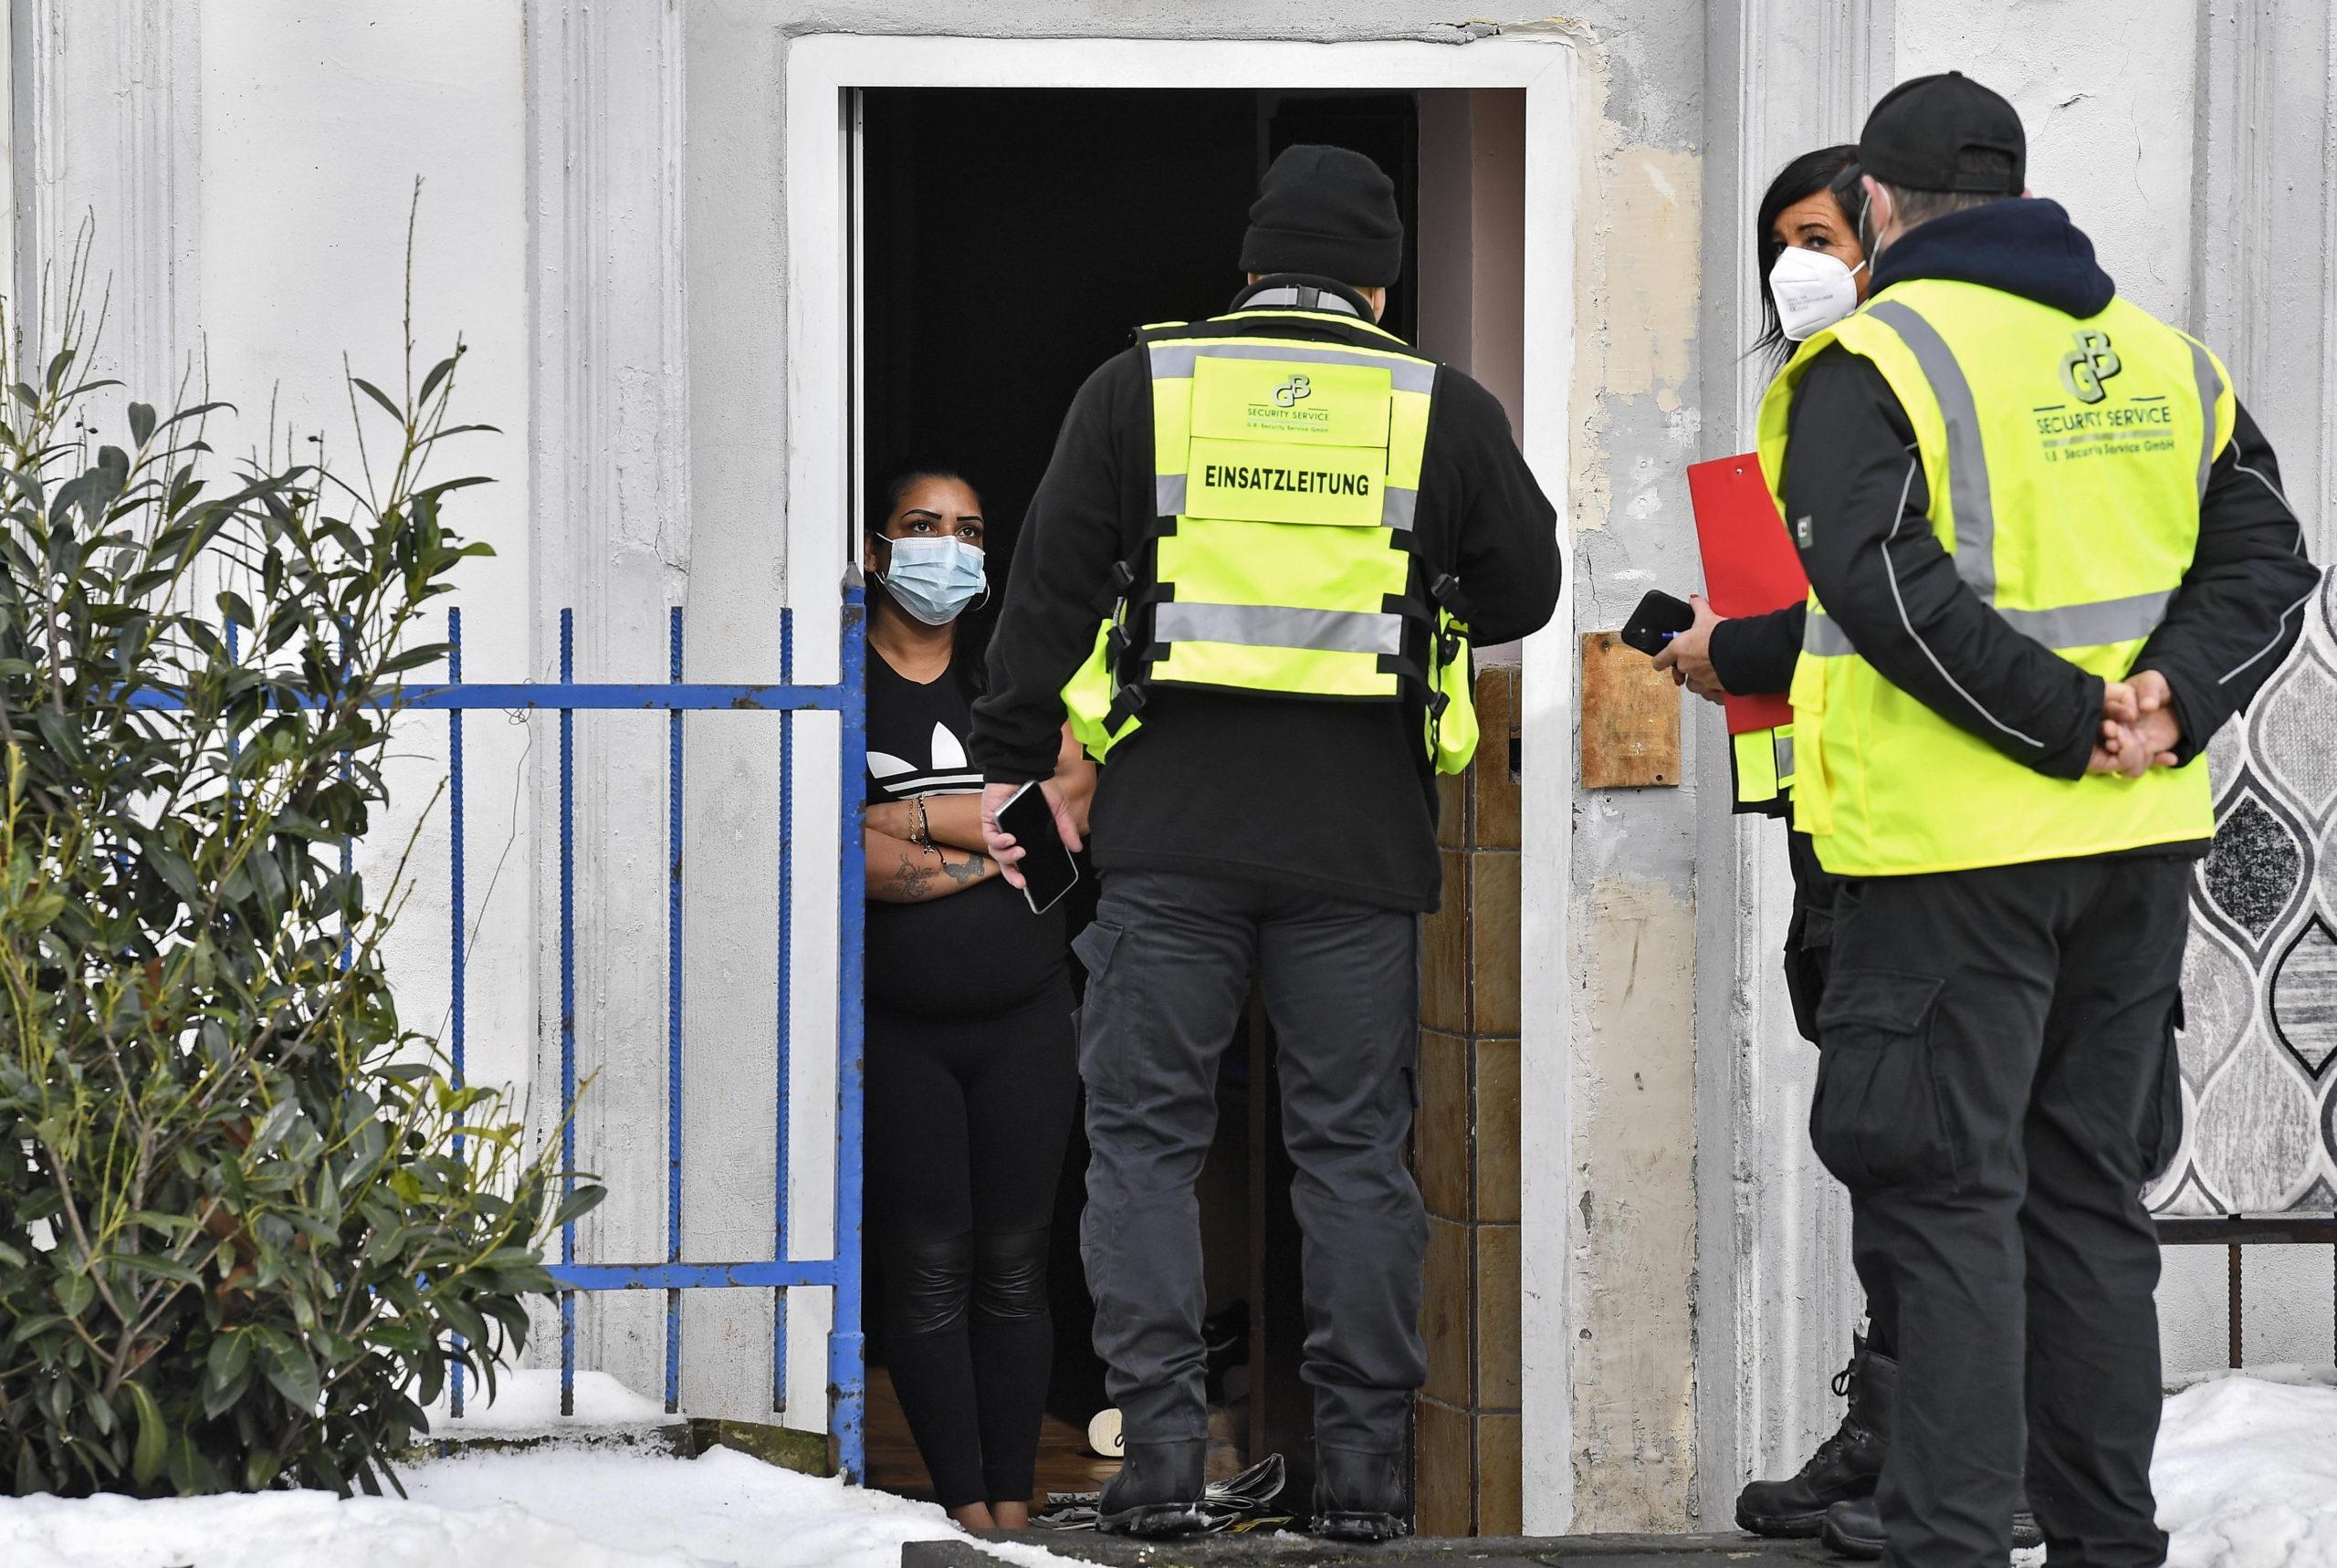 Németországban vesztegzár új mutáns vírus miatt